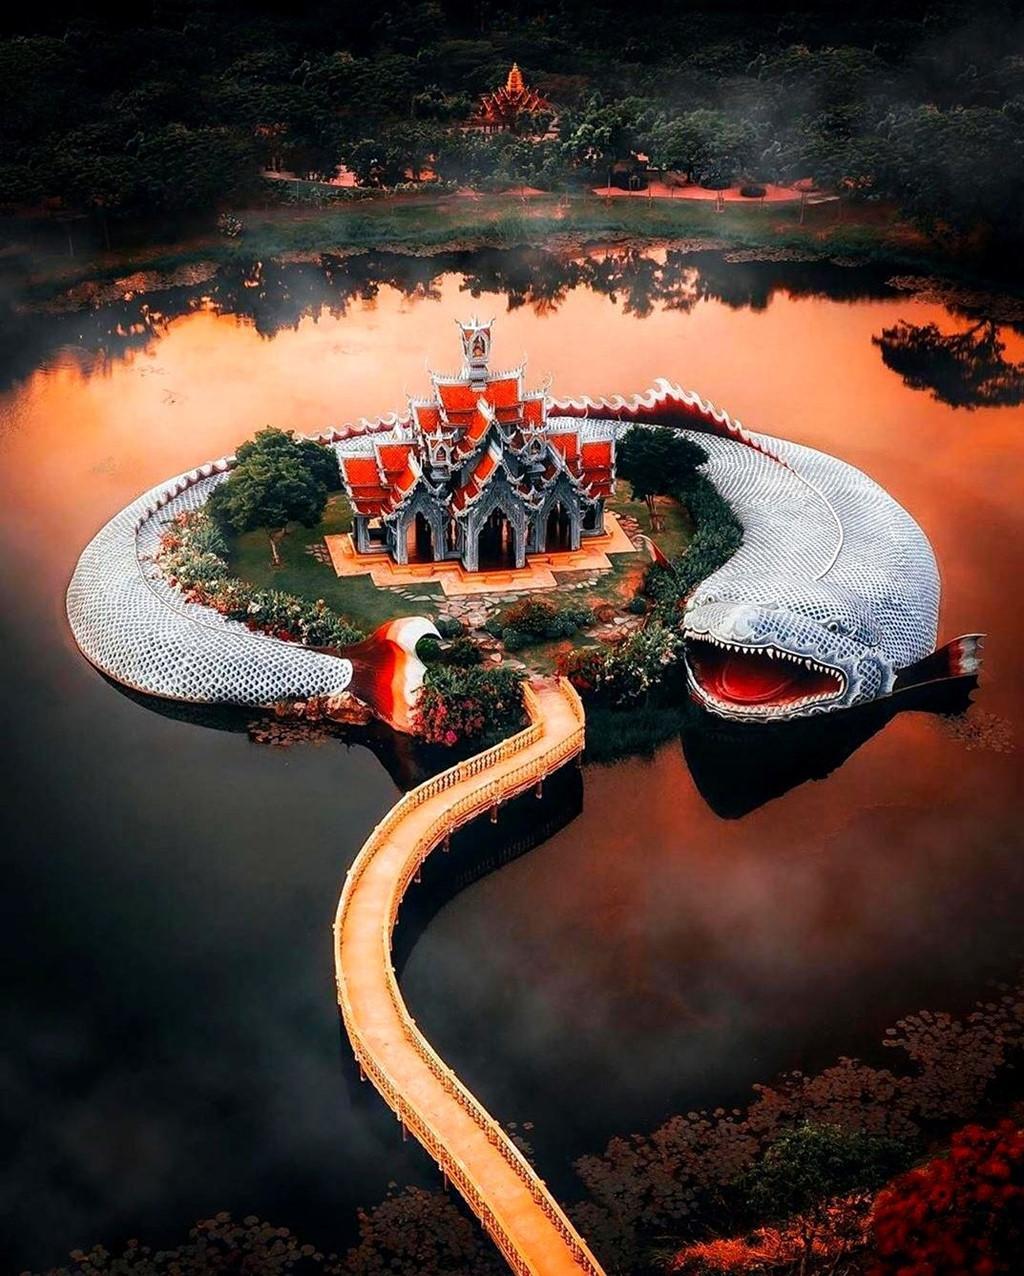 Thủy quái bao quanh ngôi đền trong thành cổ ở Thái Lan Ảnh 3